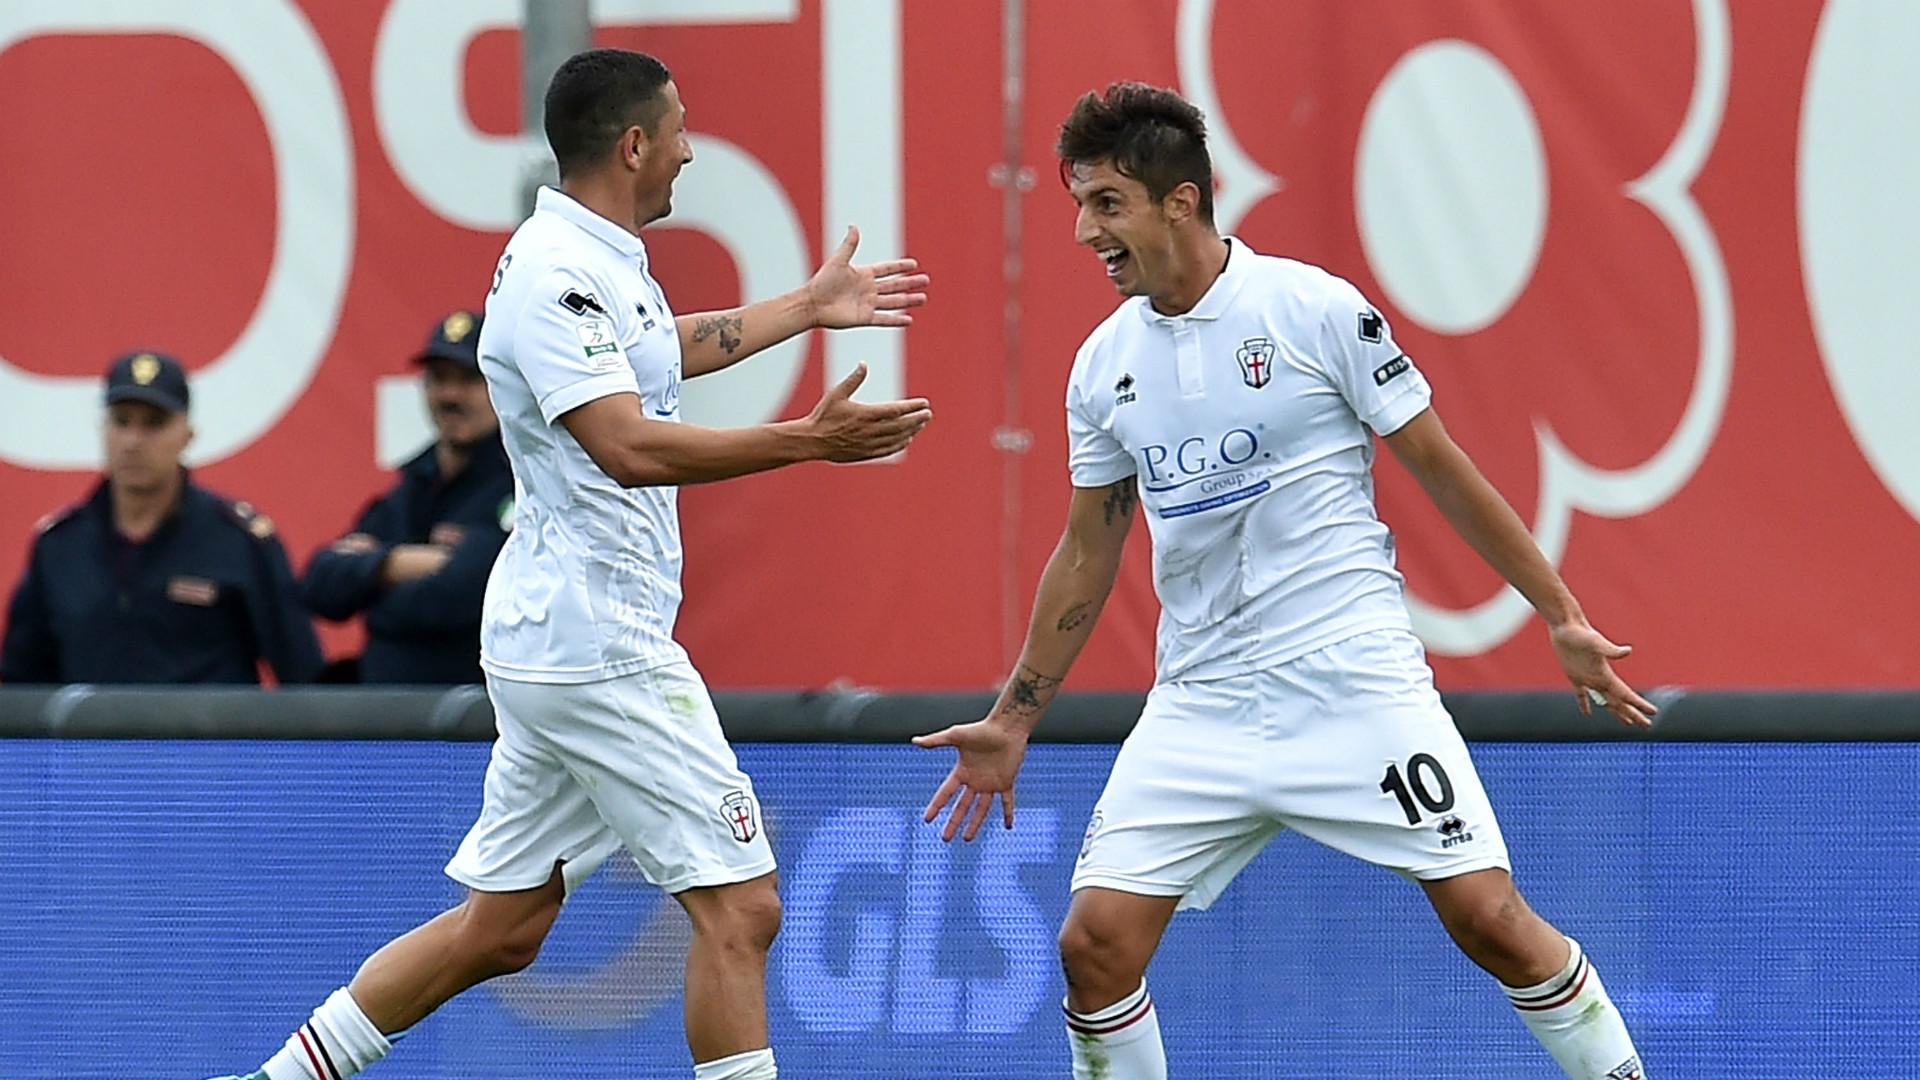 Serie B ConTe.it, 29a giornata: rinviate Parma-Palermo e Pro Vercelli-Perugia